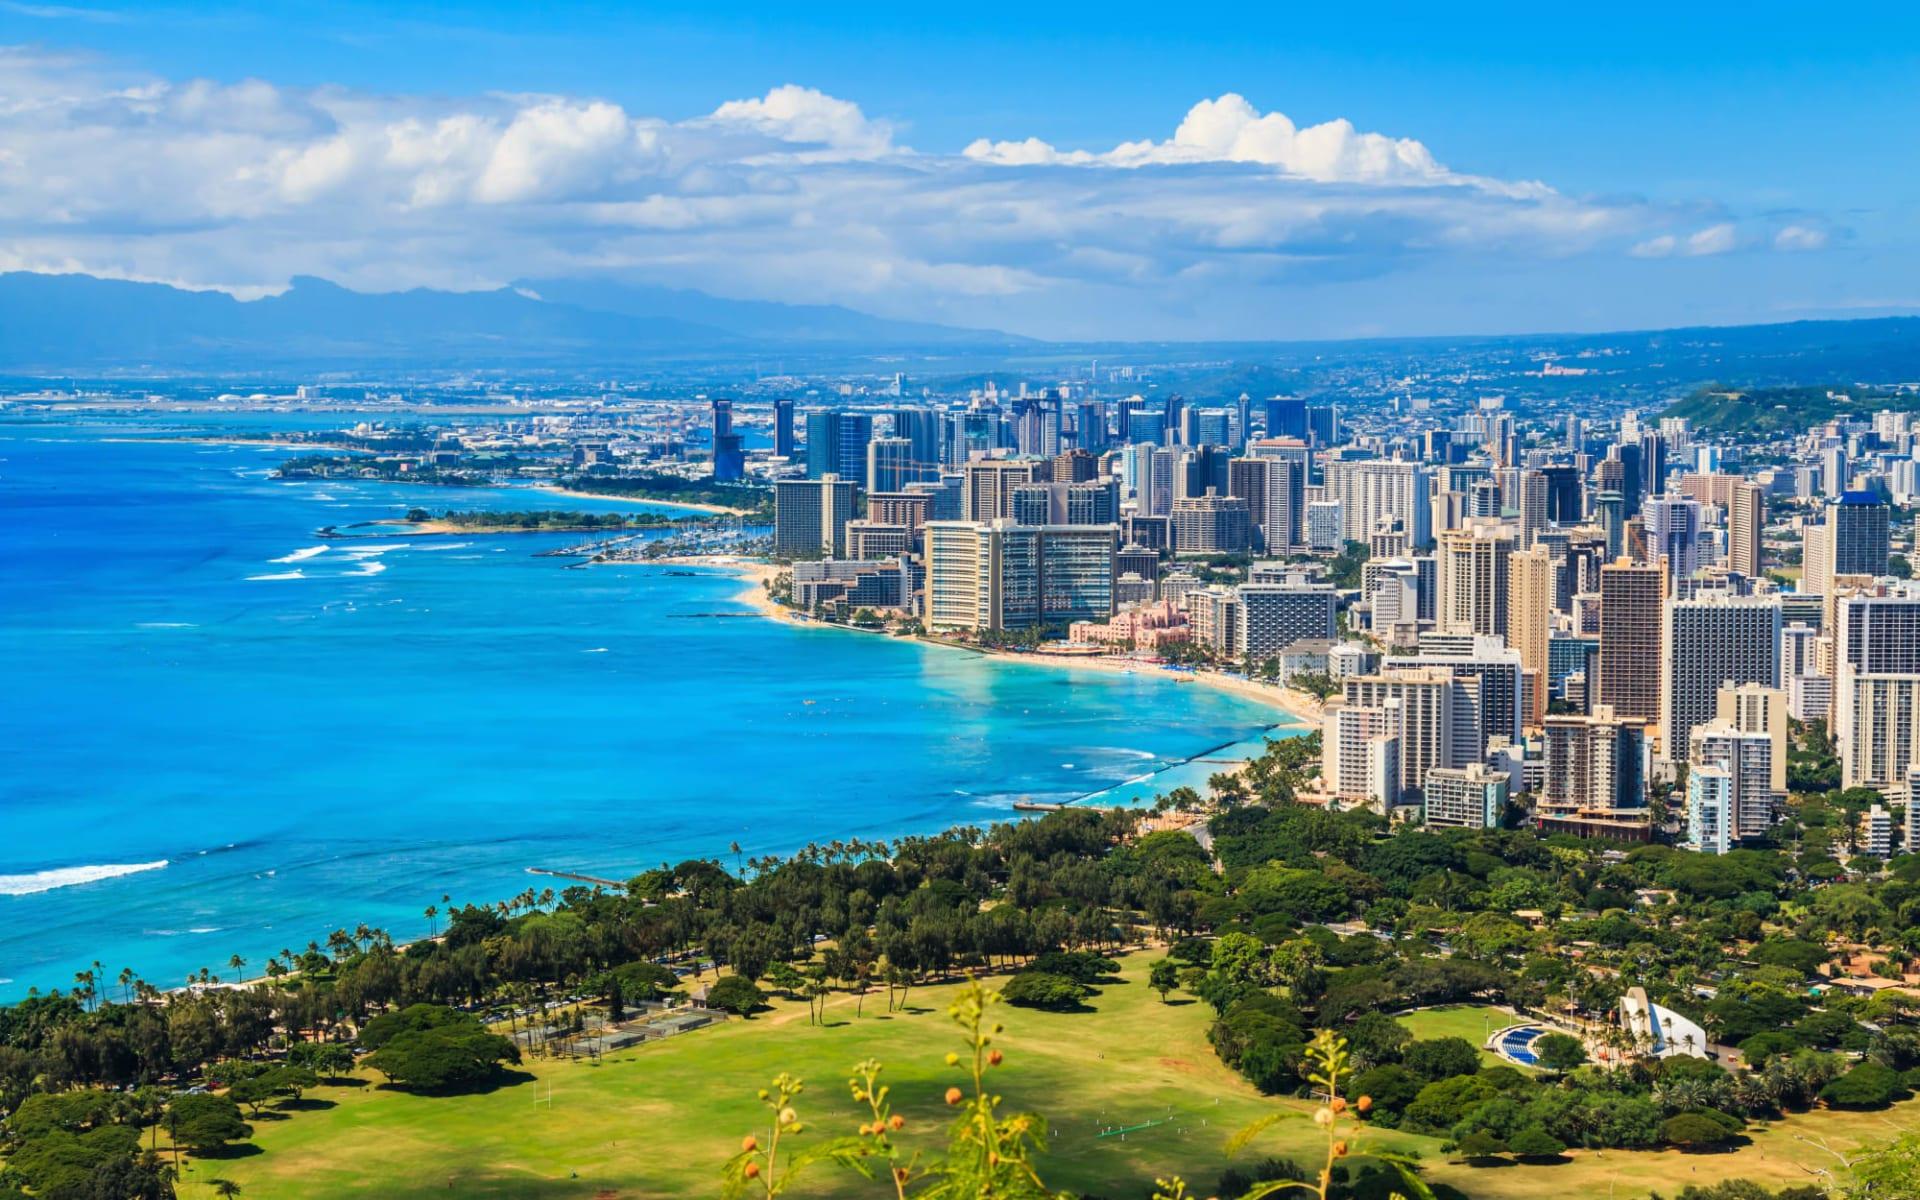 Hawaiian Discovery ab Honolulu - Oahu: USA_Hawaii_Oahu_Honolulu_Waikiki Beach